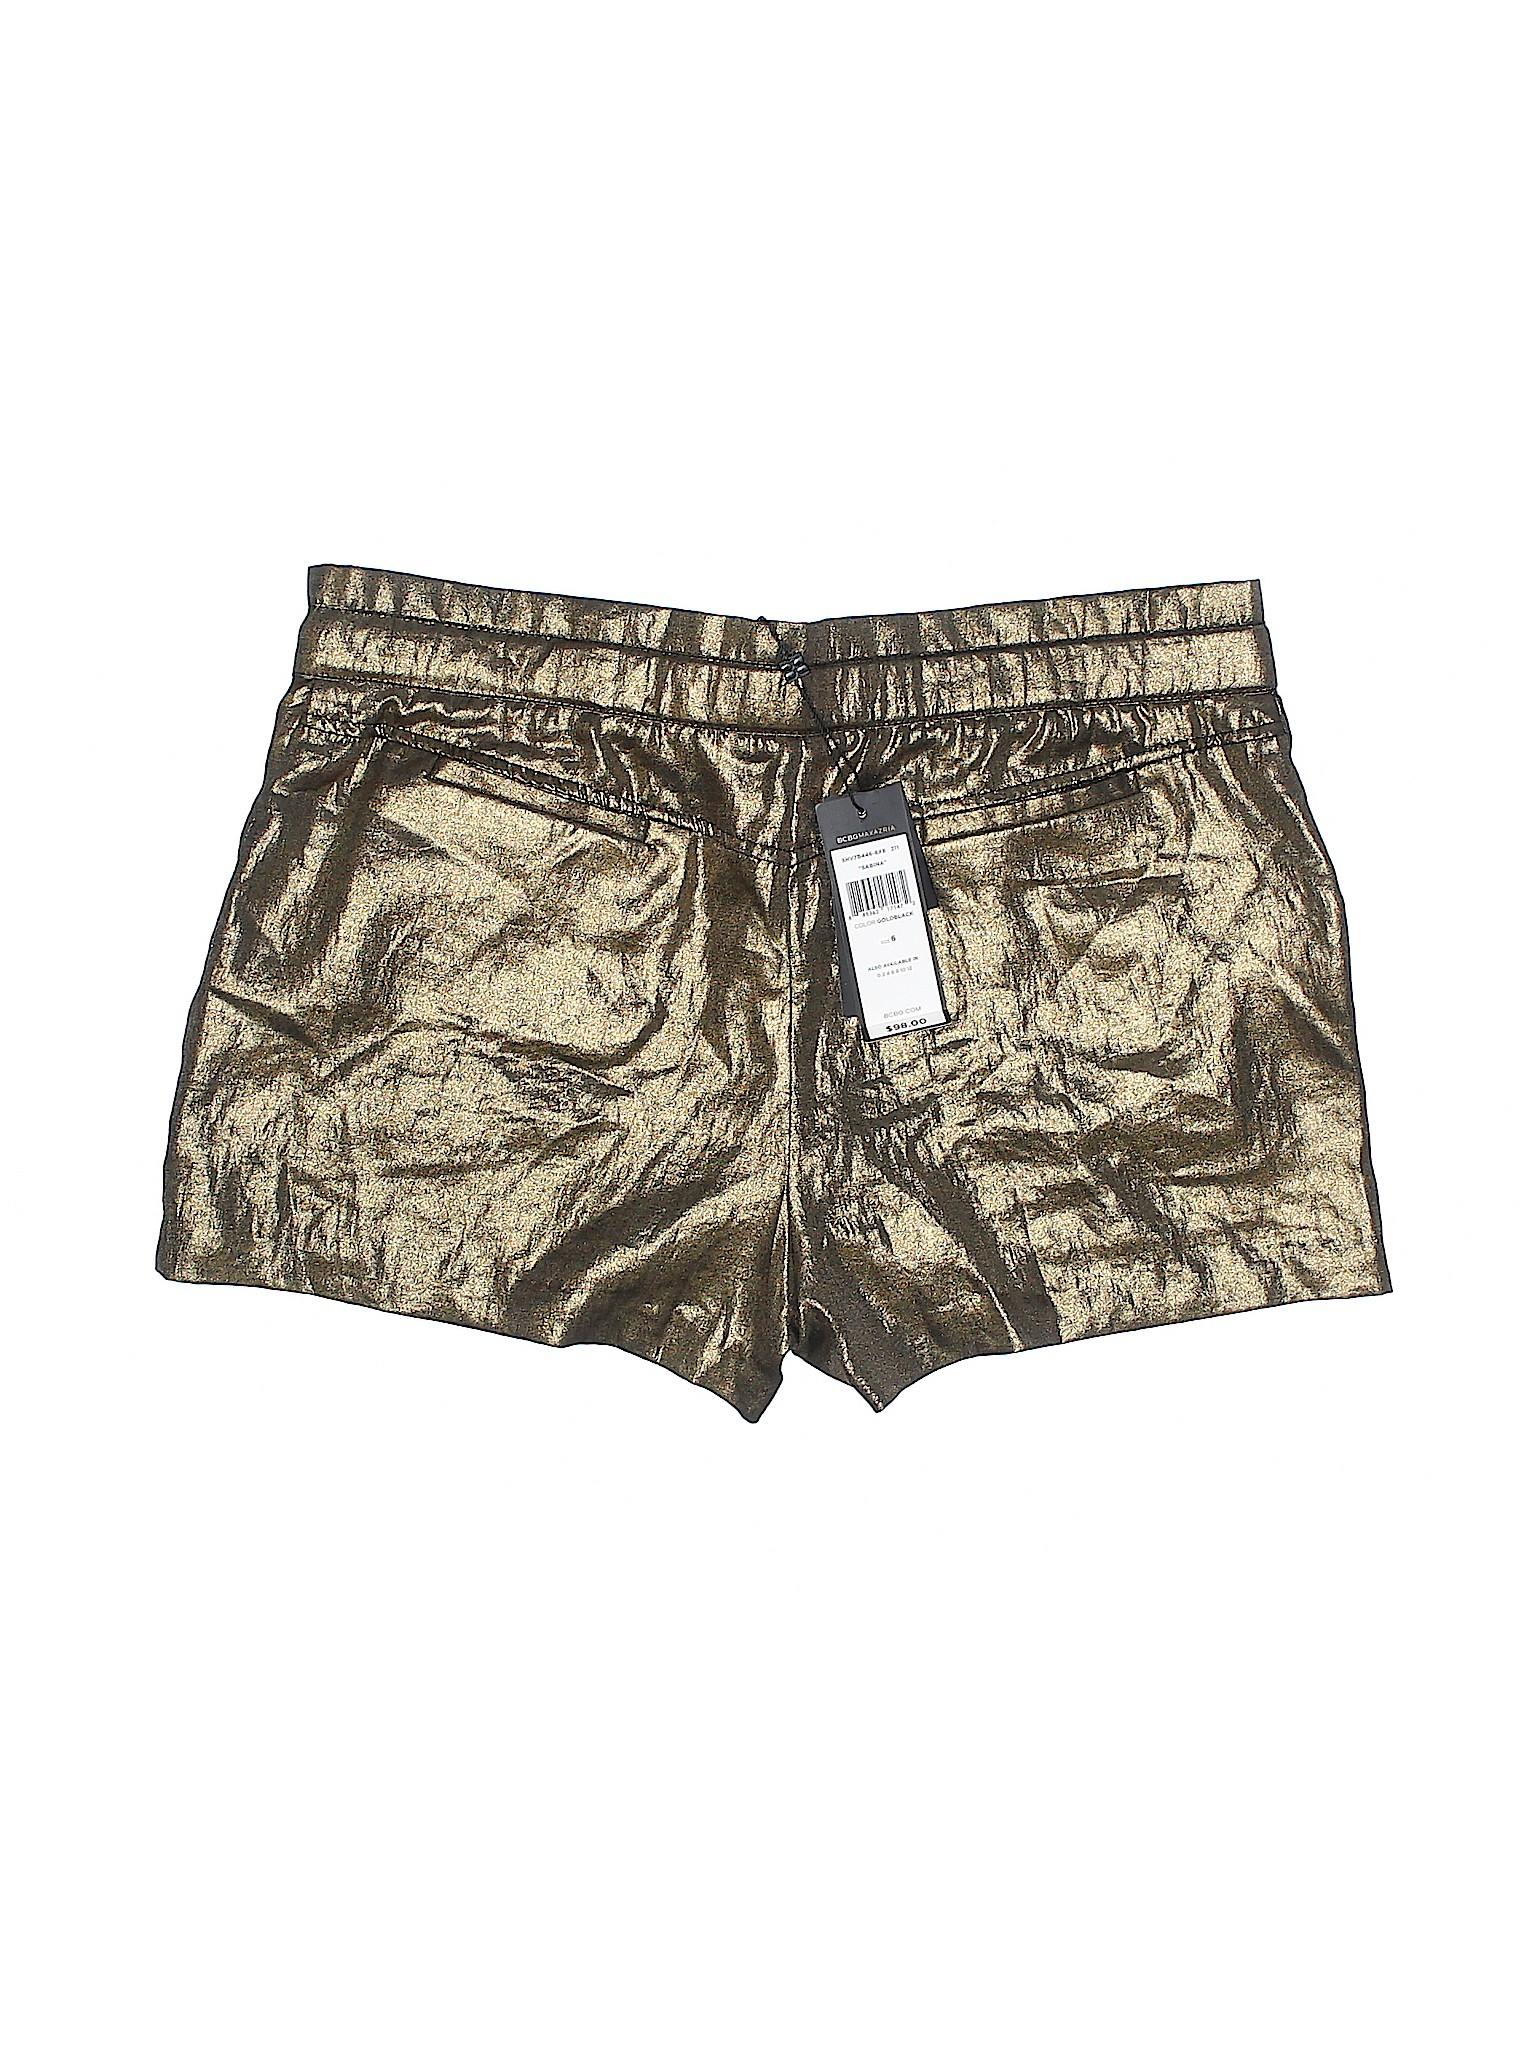 Boutique Shorts BCBGMAXAZRIA Shorts Boutique BCBGMAXAZRIA Shorts BCBGMAXAZRIA Boutique q4ISf0gxw